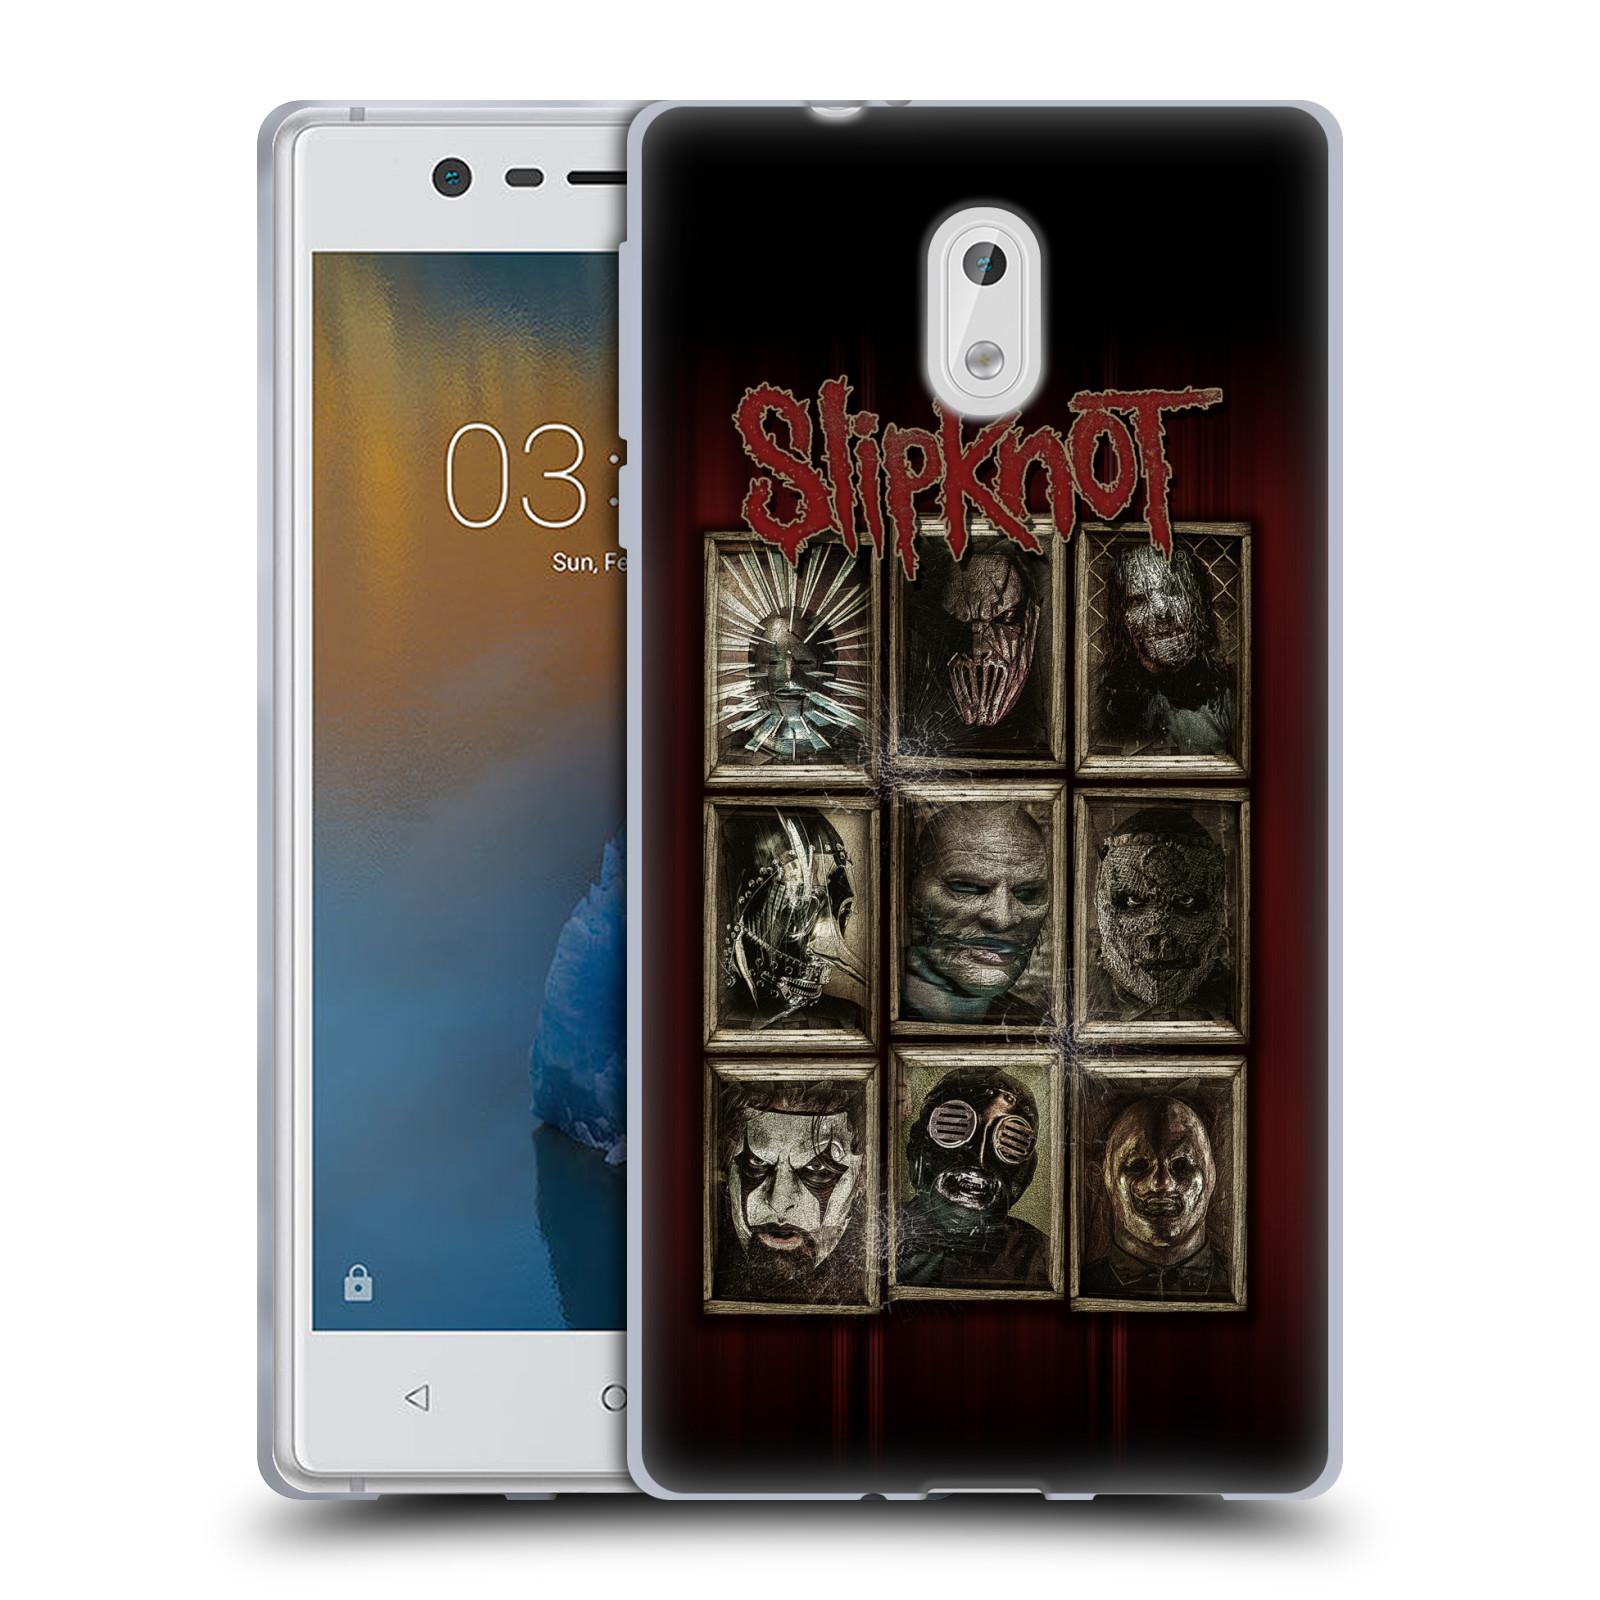 Silikonové pouzdro na mobil Nokia 3 Head Case - Slipknot - Masky (Silikonový kryt či obal na mobilní telefon licencovaným motivem Slipknot pro Nokia 3 (2017))